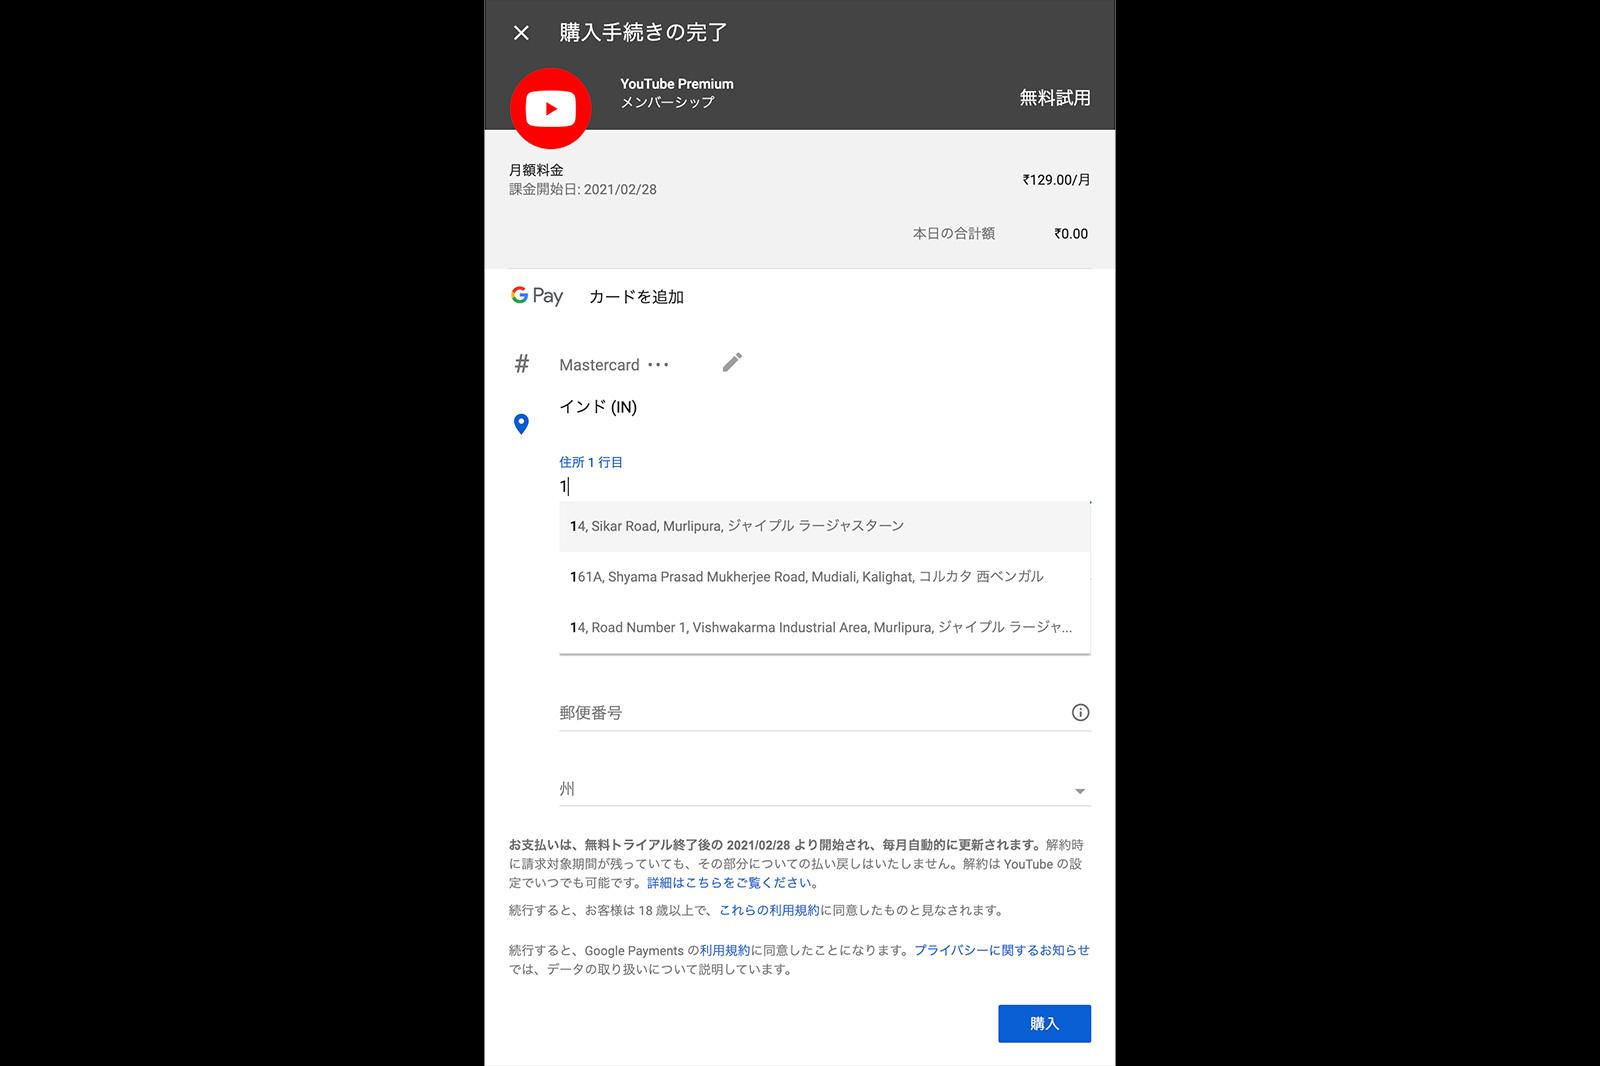 YouTube(ユーチューブ)プレミアムに住所を登録